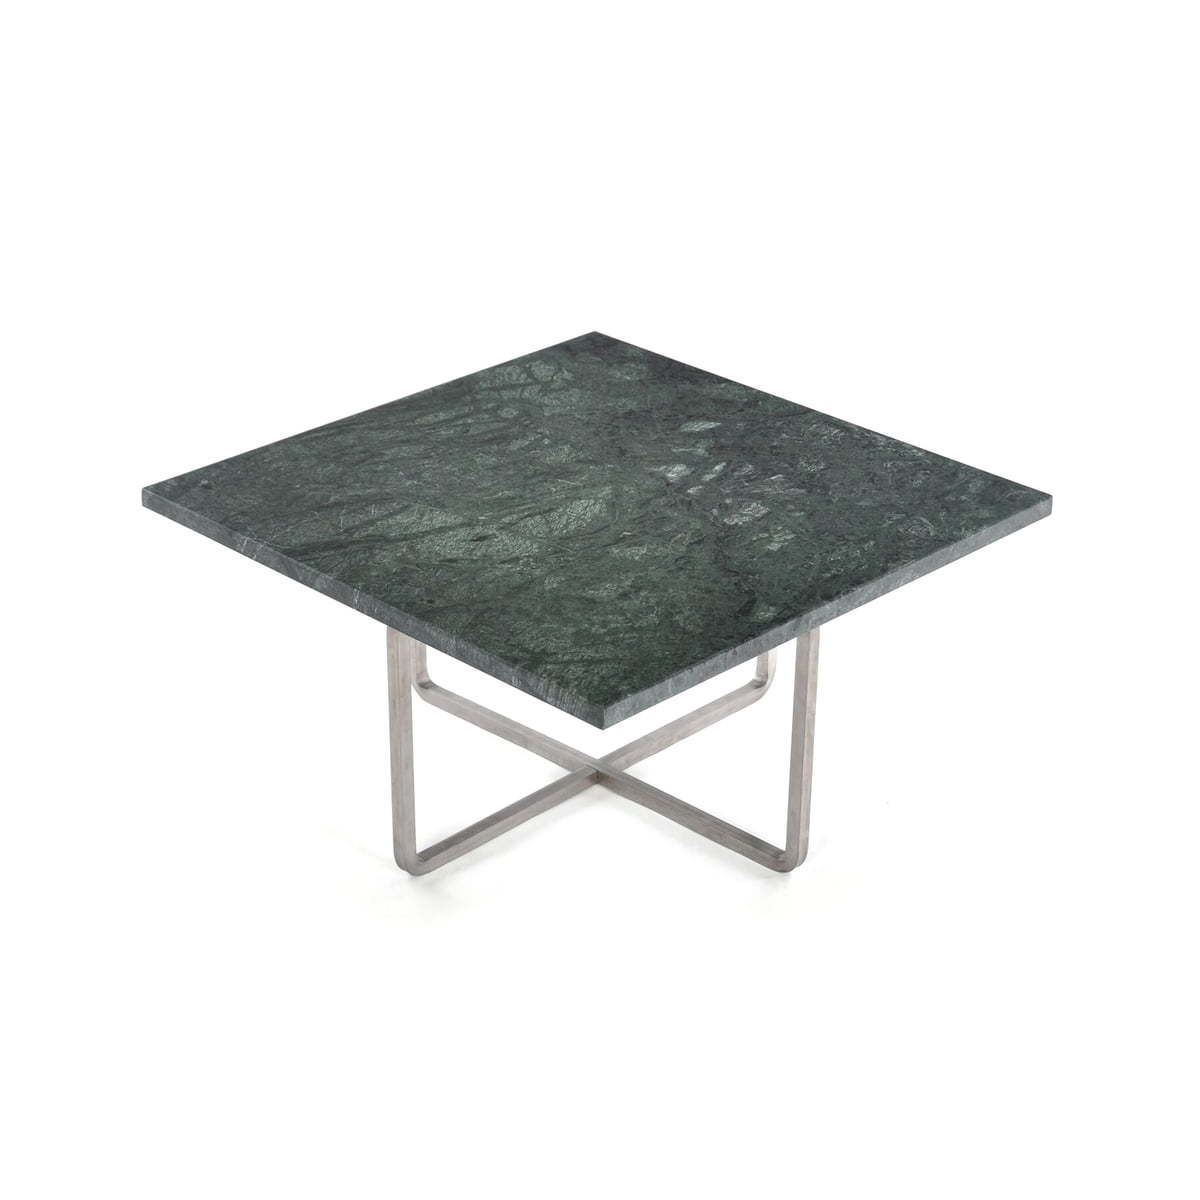 couchtisch 60 cm finest couchtisch 60 cm with couchtisch 60 cm latest couchtisch cuba x cm. Black Bedroom Furniture Sets. Home Design Ideas